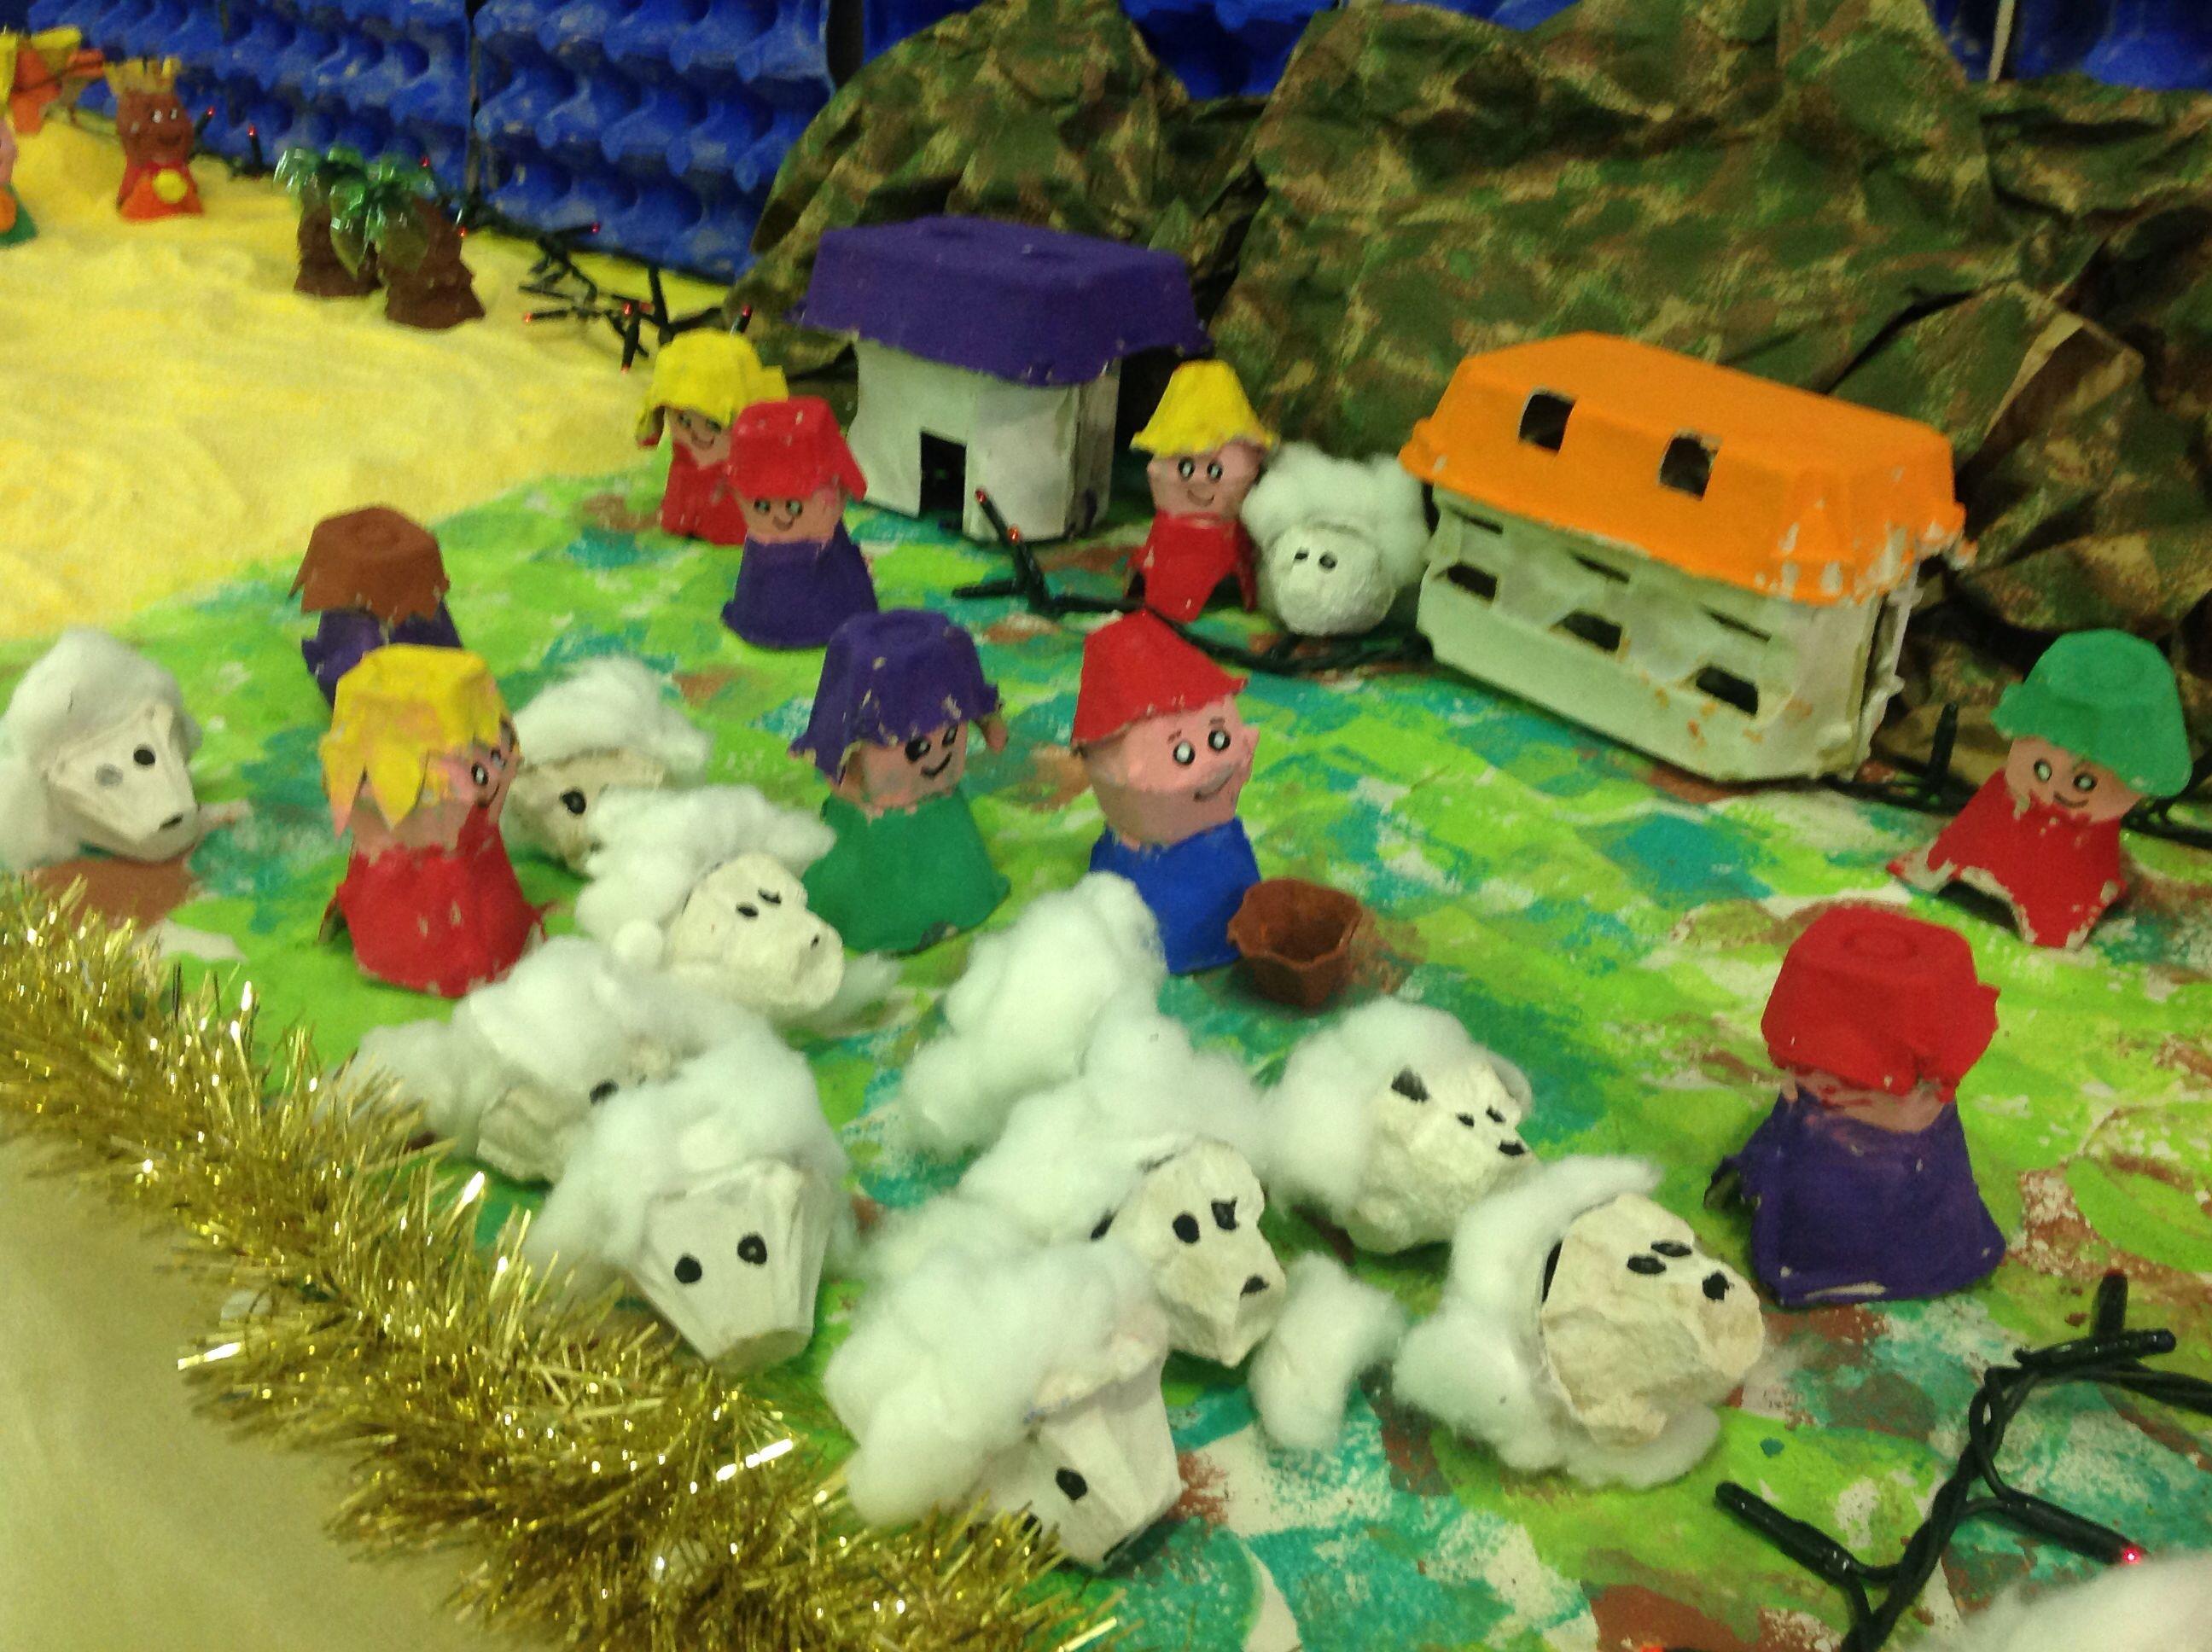 Das Bambini ~ Il gregge presepe realizzato dai bambini del cerchio verde con i